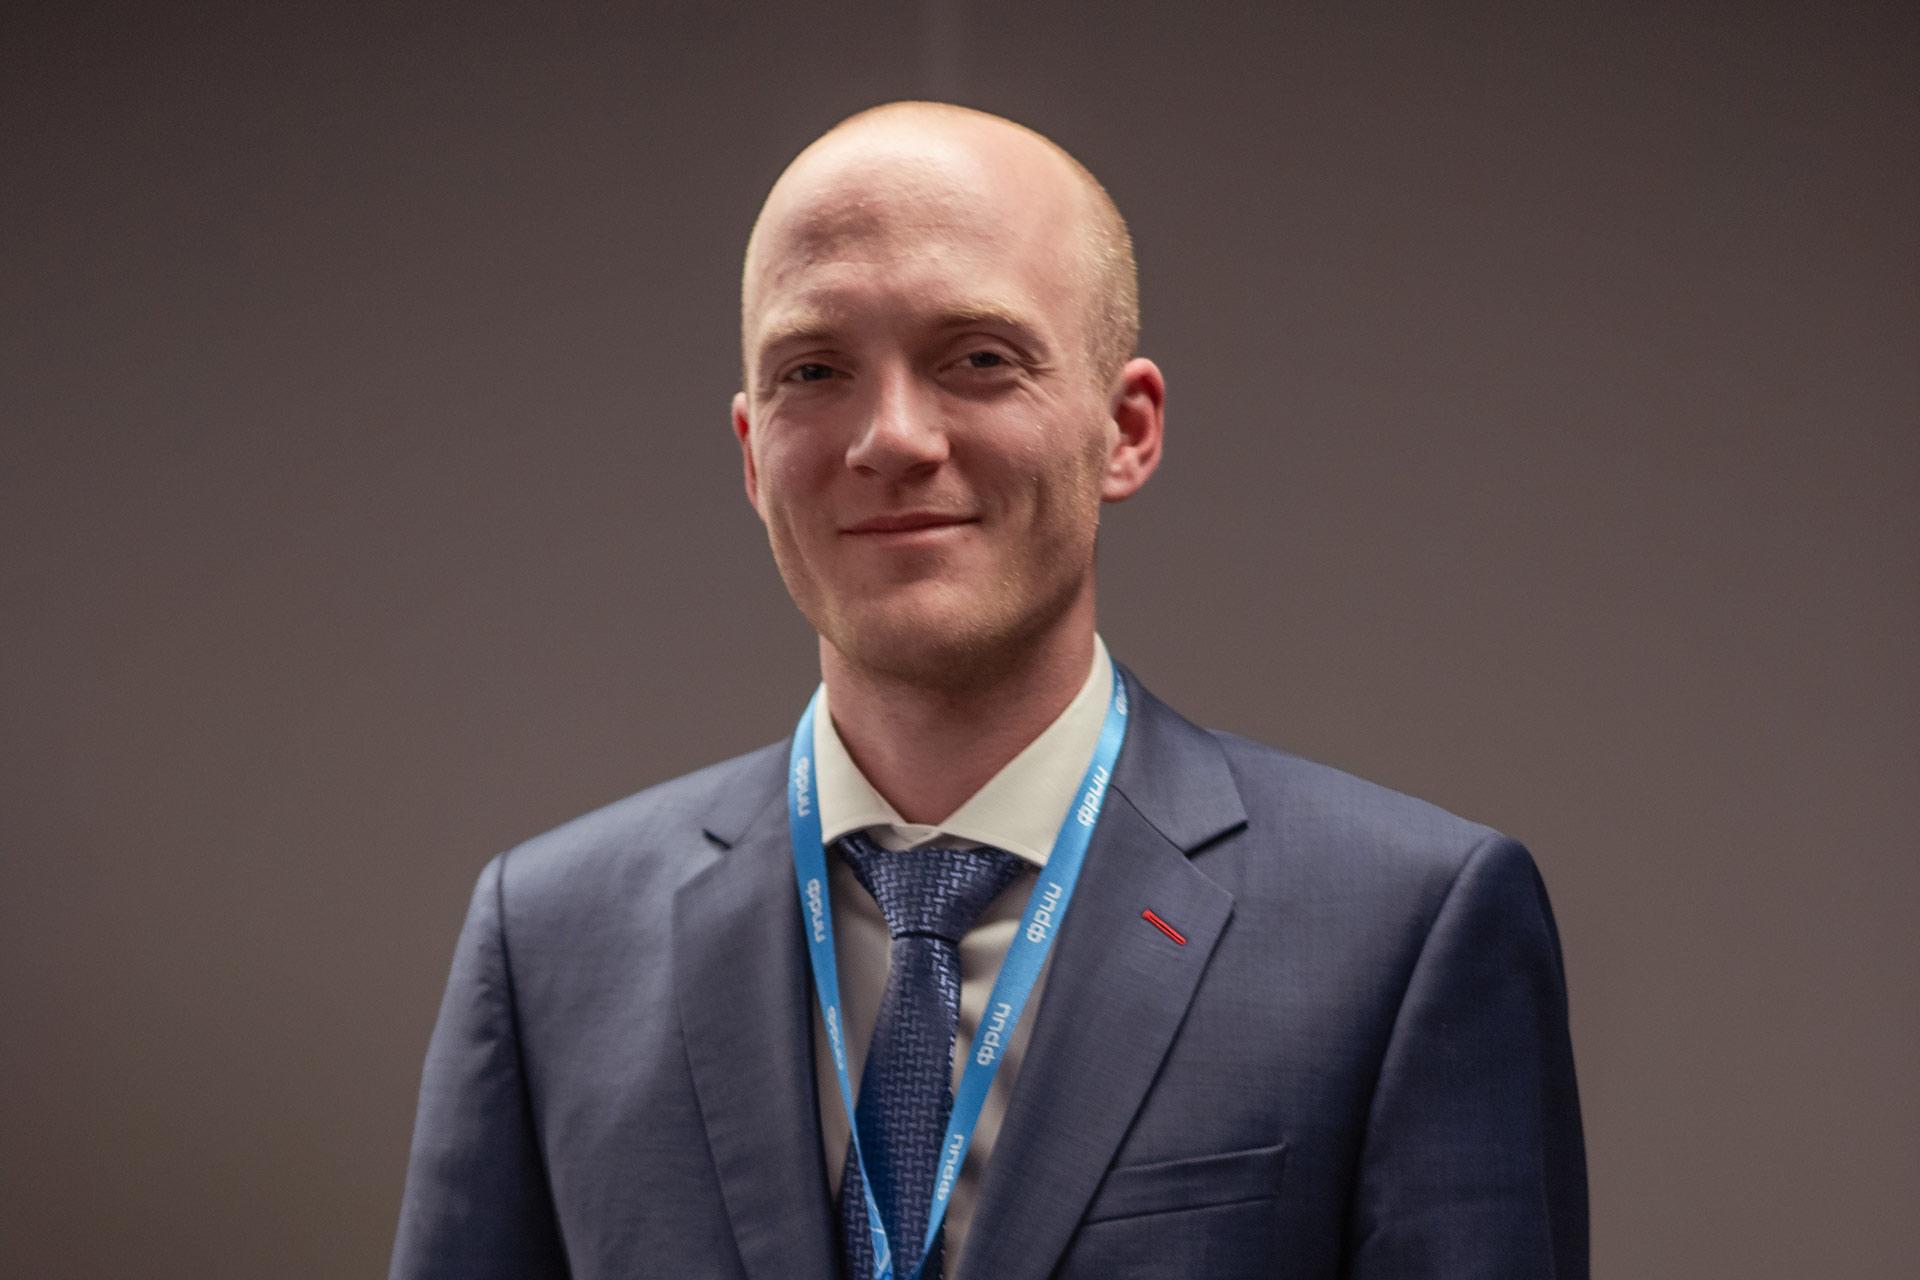 Алексей Маликов - основатель Инвестиционного Фонда A&A Capital, соучредитель компании Самоспас и Вентопро